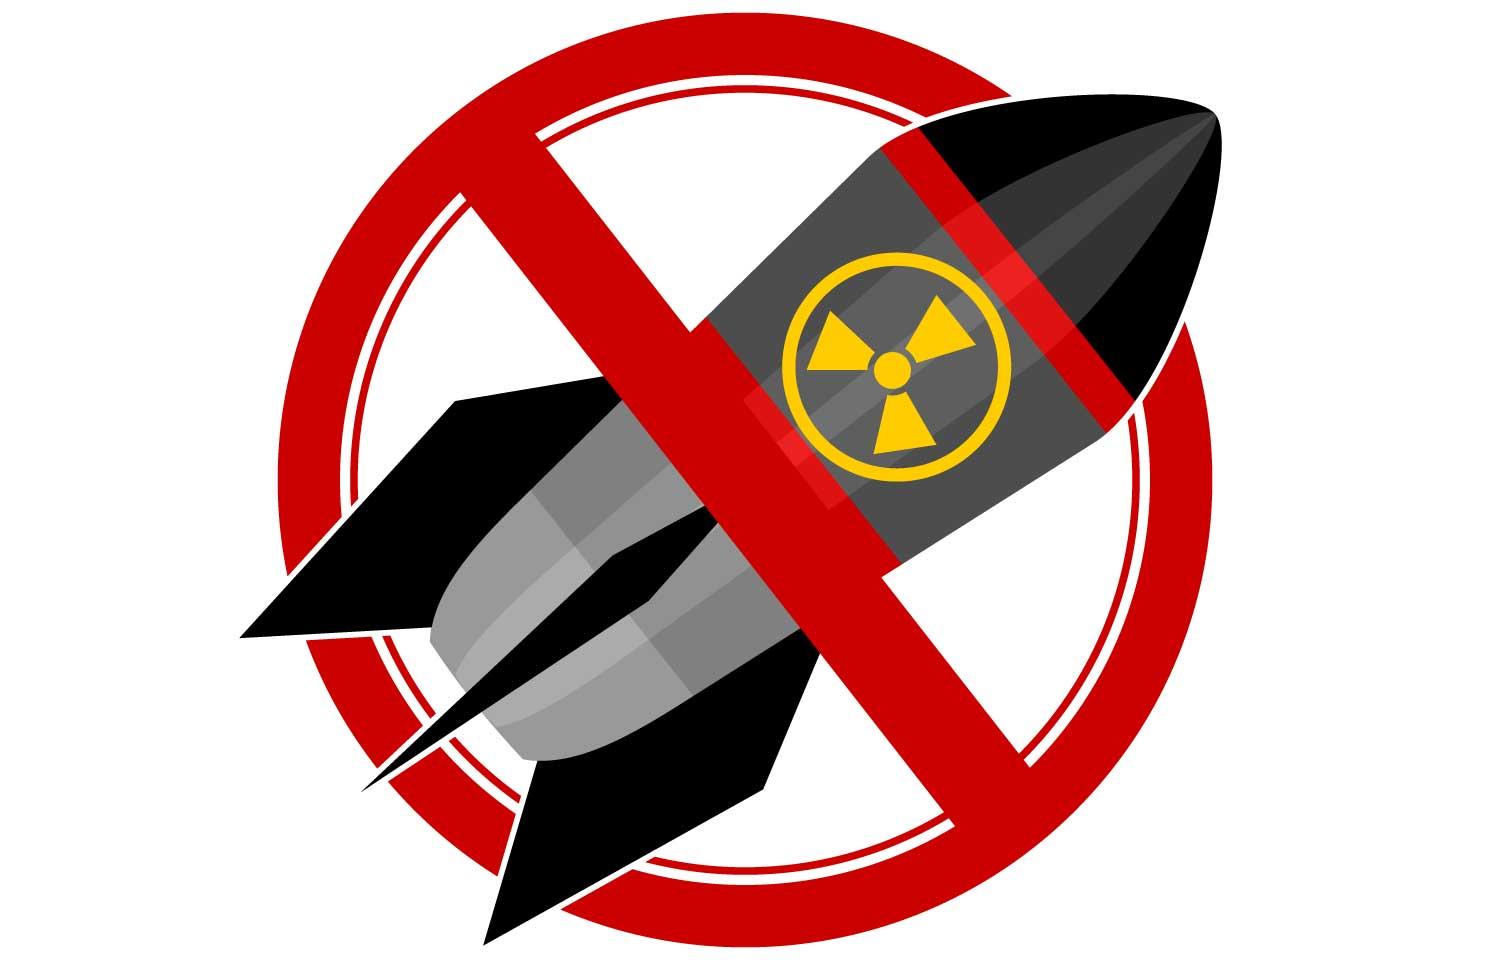 Vijf argumenten tegen een internationaal kernwapenverbod weerlegd